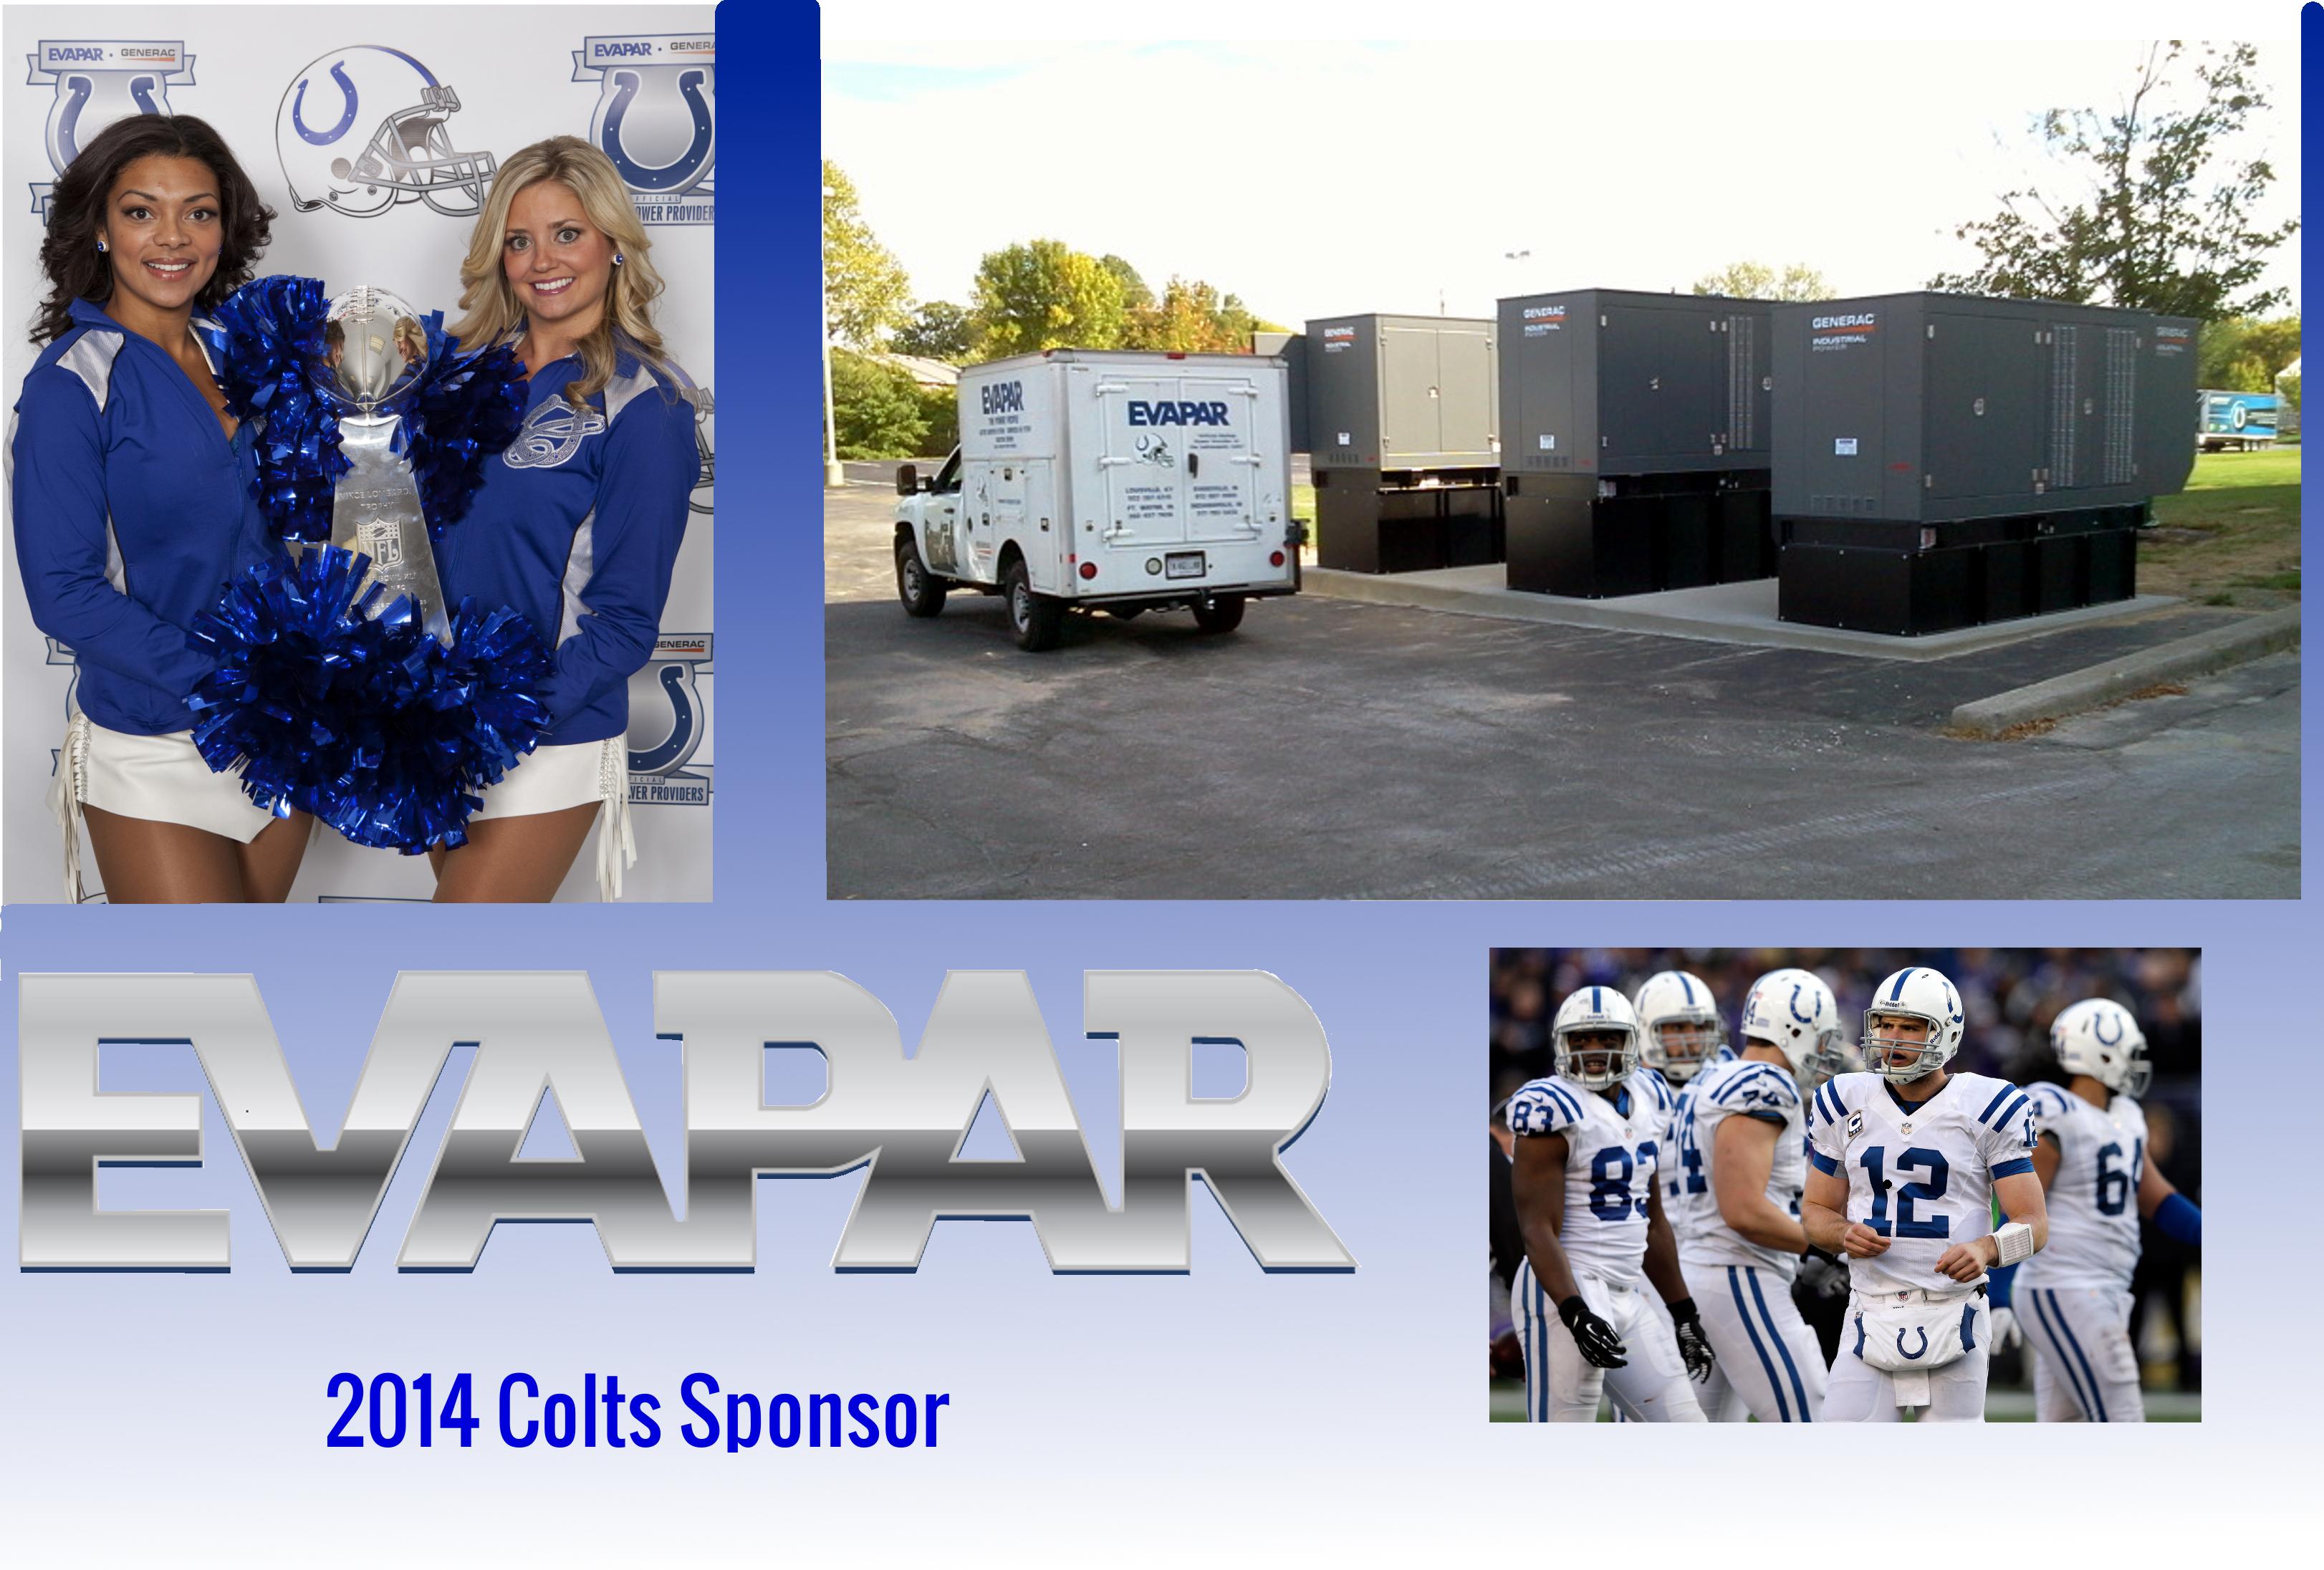 Colts sponsor, EVAPAR Indiana